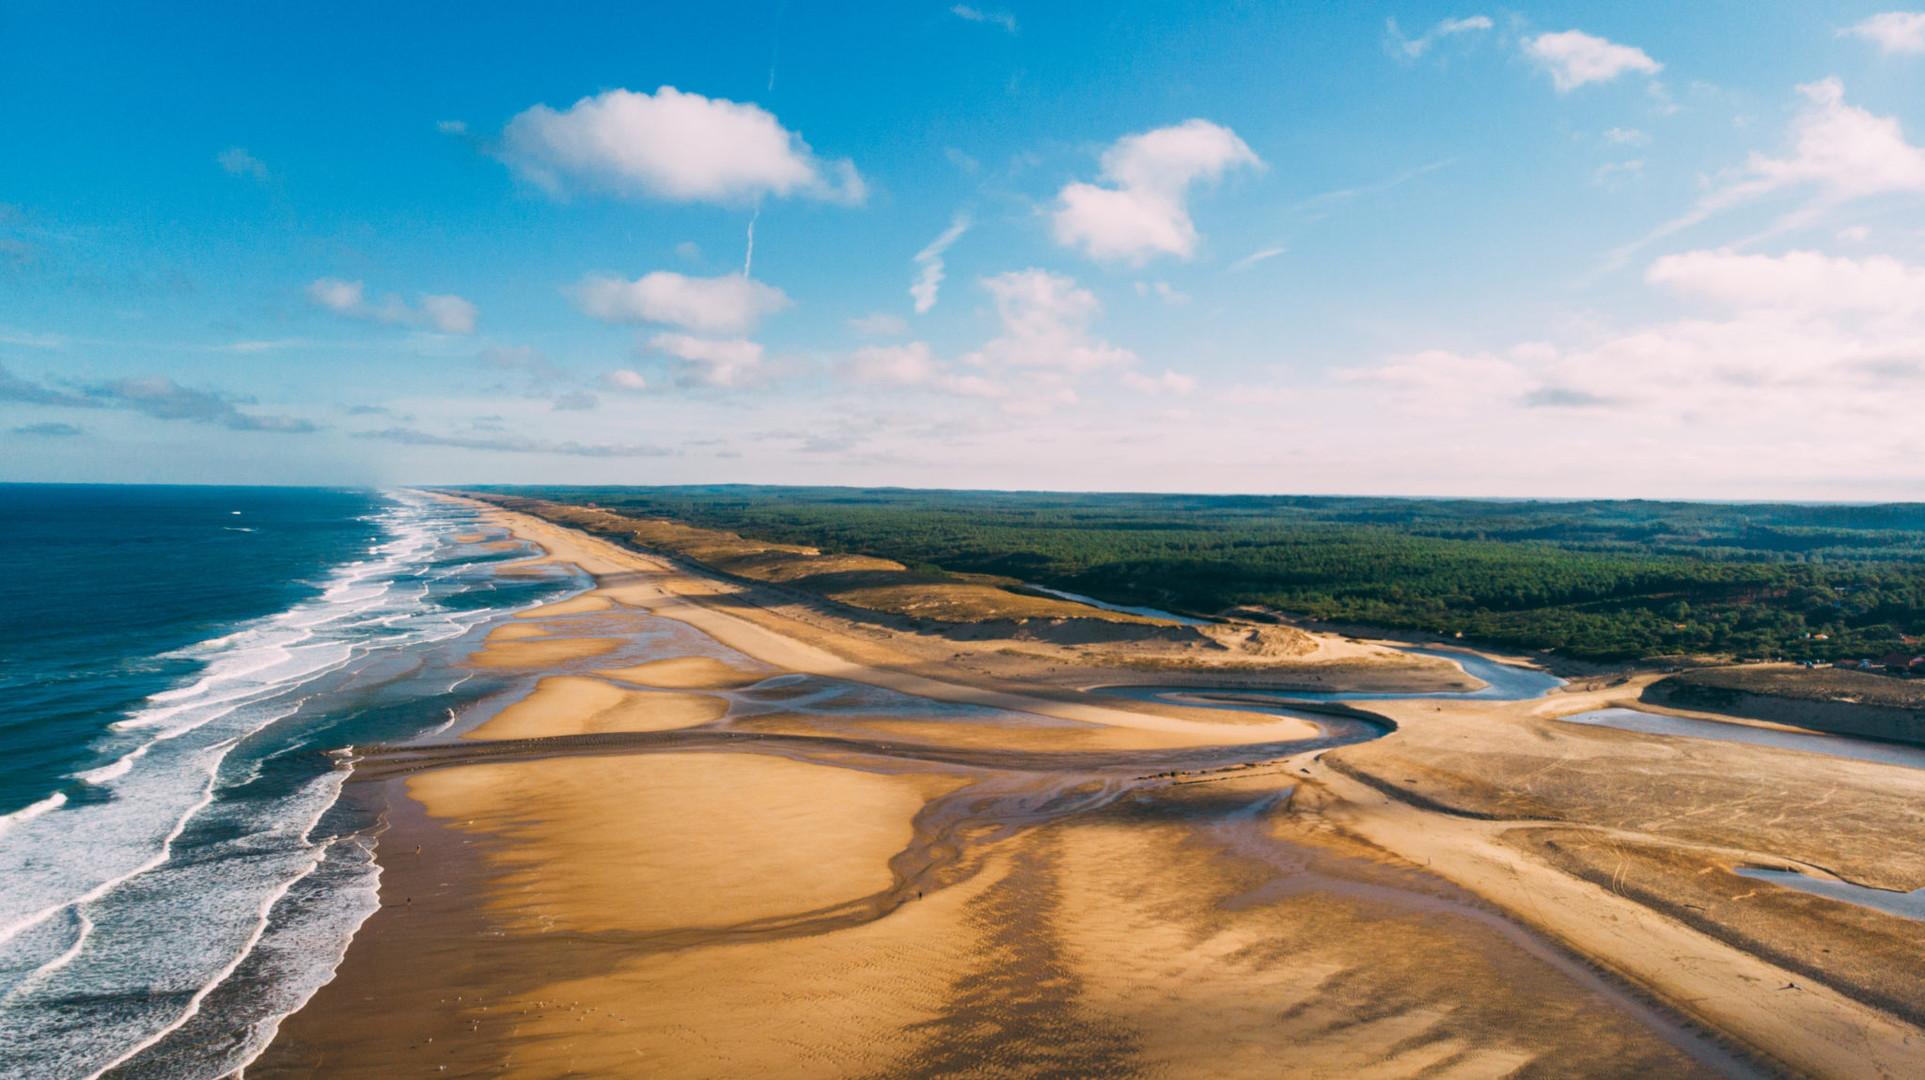 littoral-vue-aerienne-drone-asebastien_c